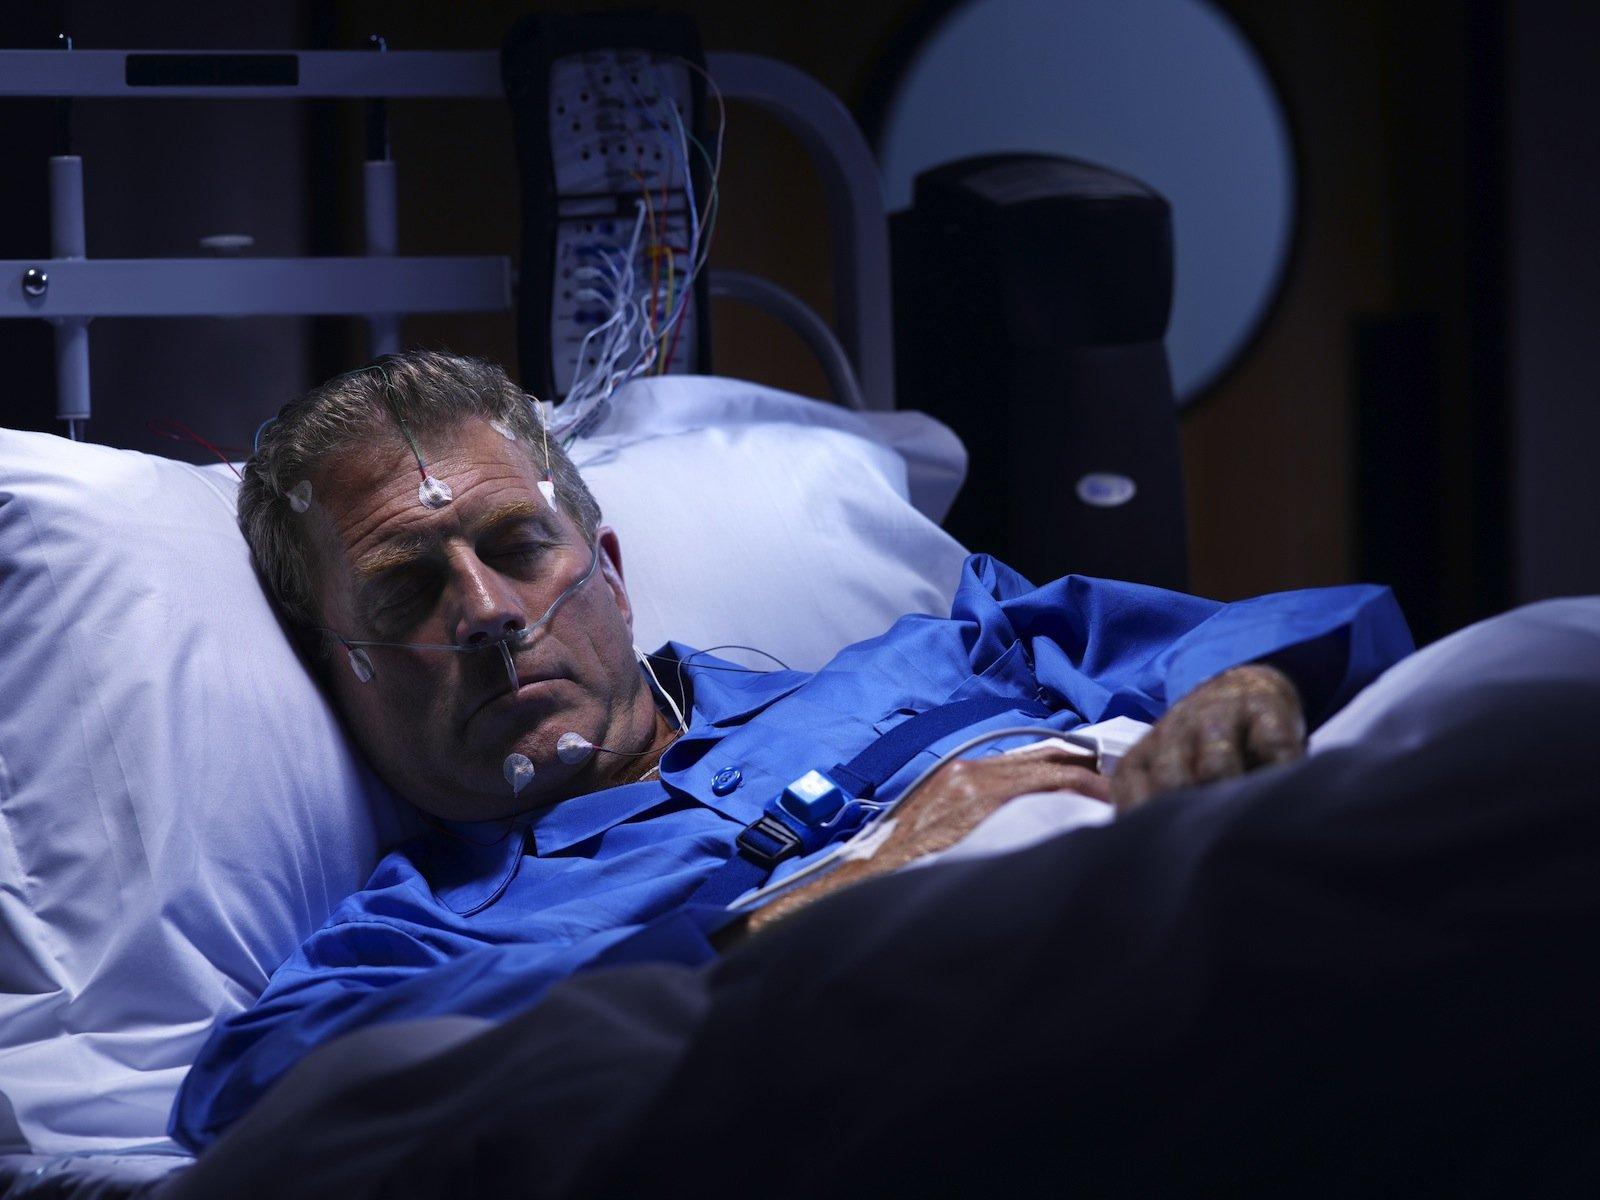 Mann im Schlaflabor.